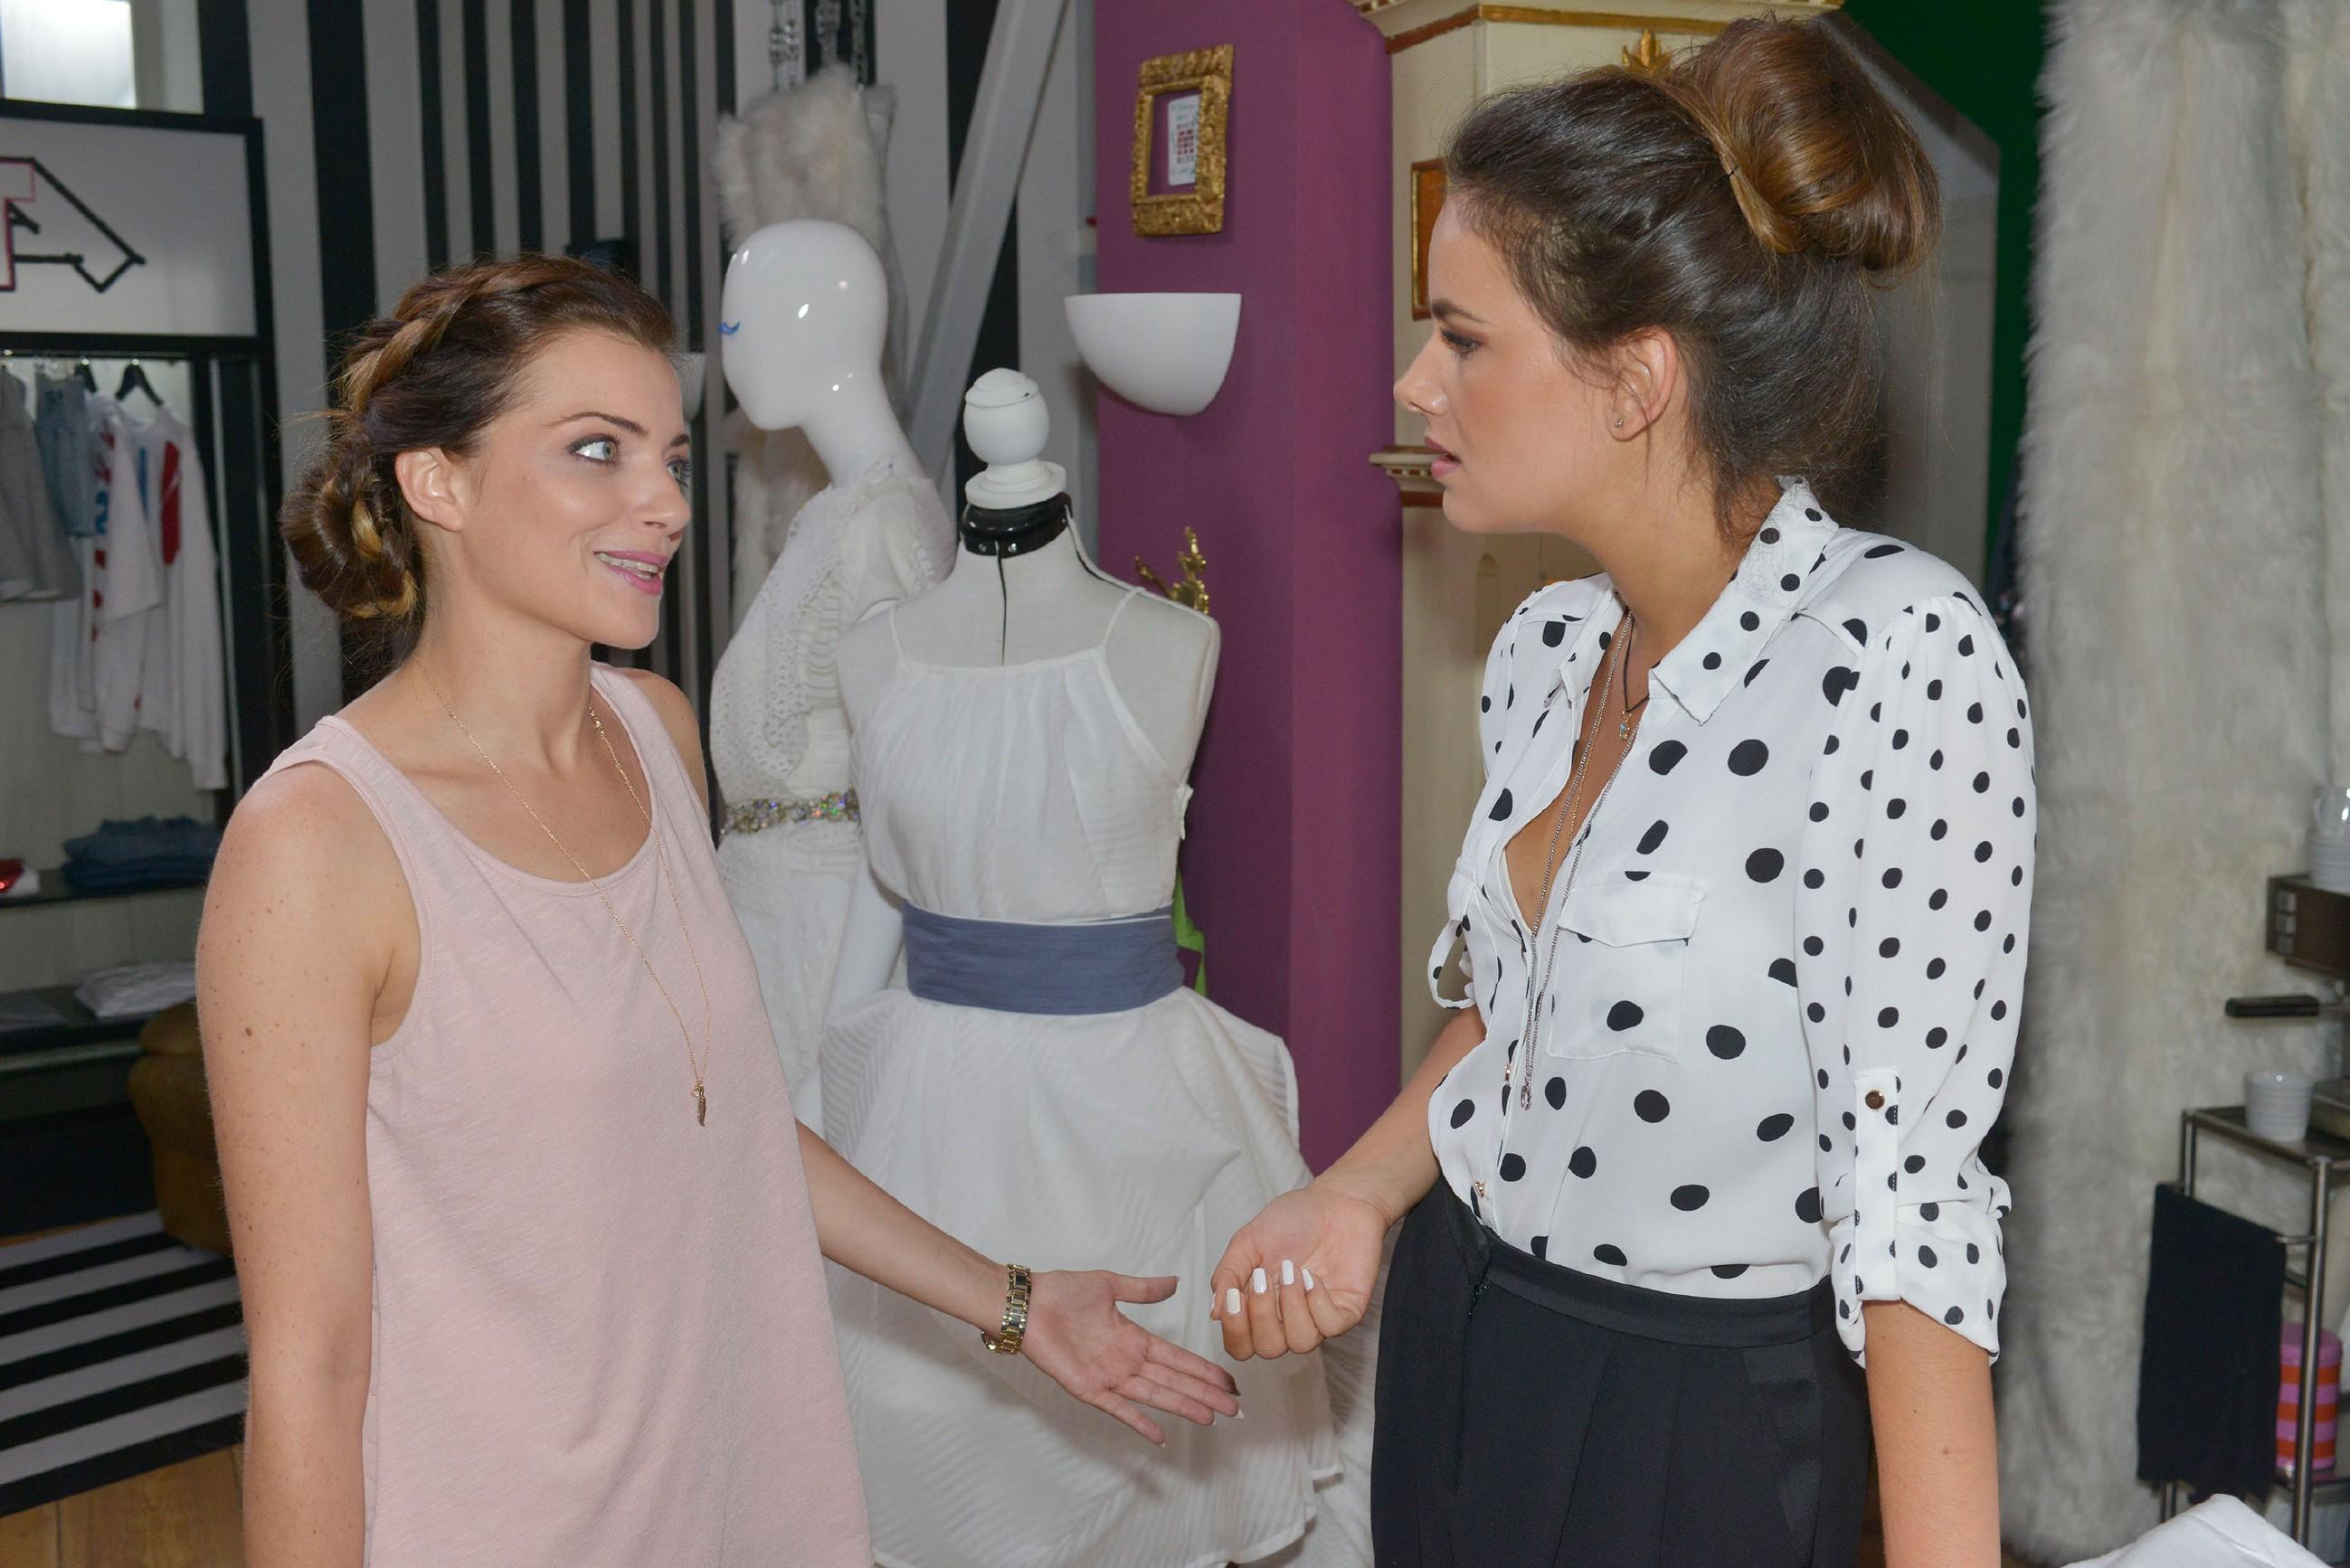 Als Emily (Anne Menden, l.) darauf drängt, die anstehenden geschäftlichen Entscheidungen vor ihrer Abreise zu klären, ist Jasmin (Janina Uhse) nicht sonderlich begeistert davon, wegen Emily Dinge zu überstürzen. (Quelle: © RTL / Rolf Baumgartner)